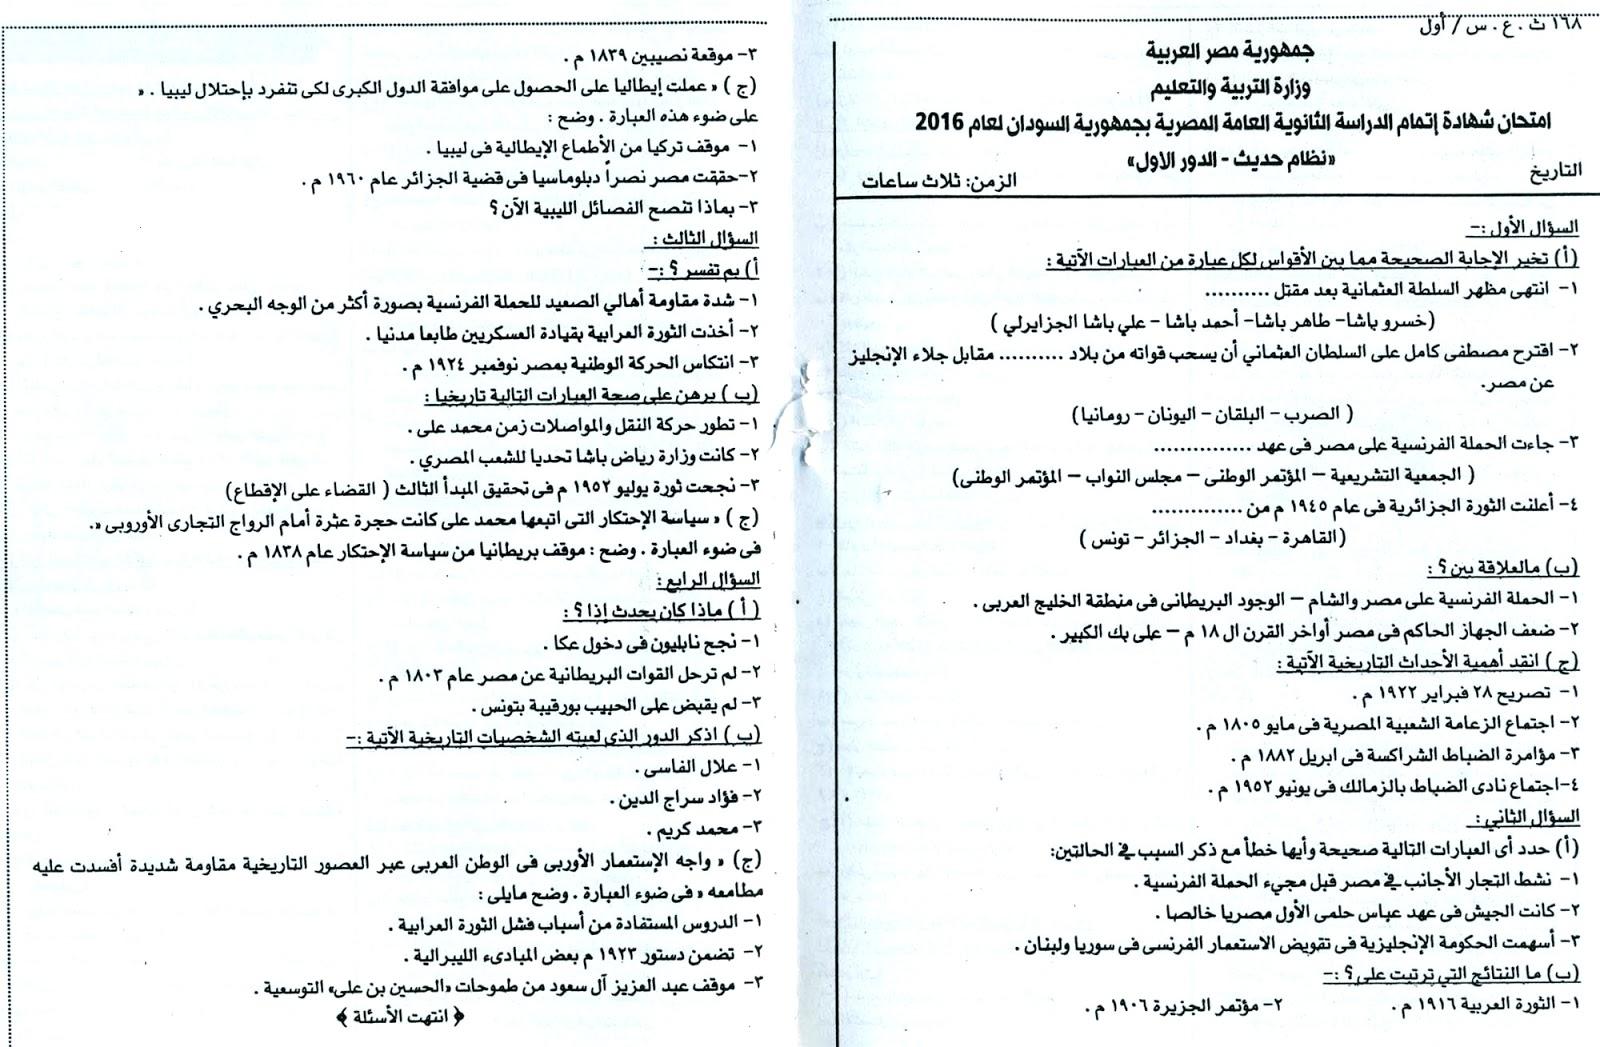 امتحان التاريخ 2016 للثانوية العامة المصرية بالسودان 002